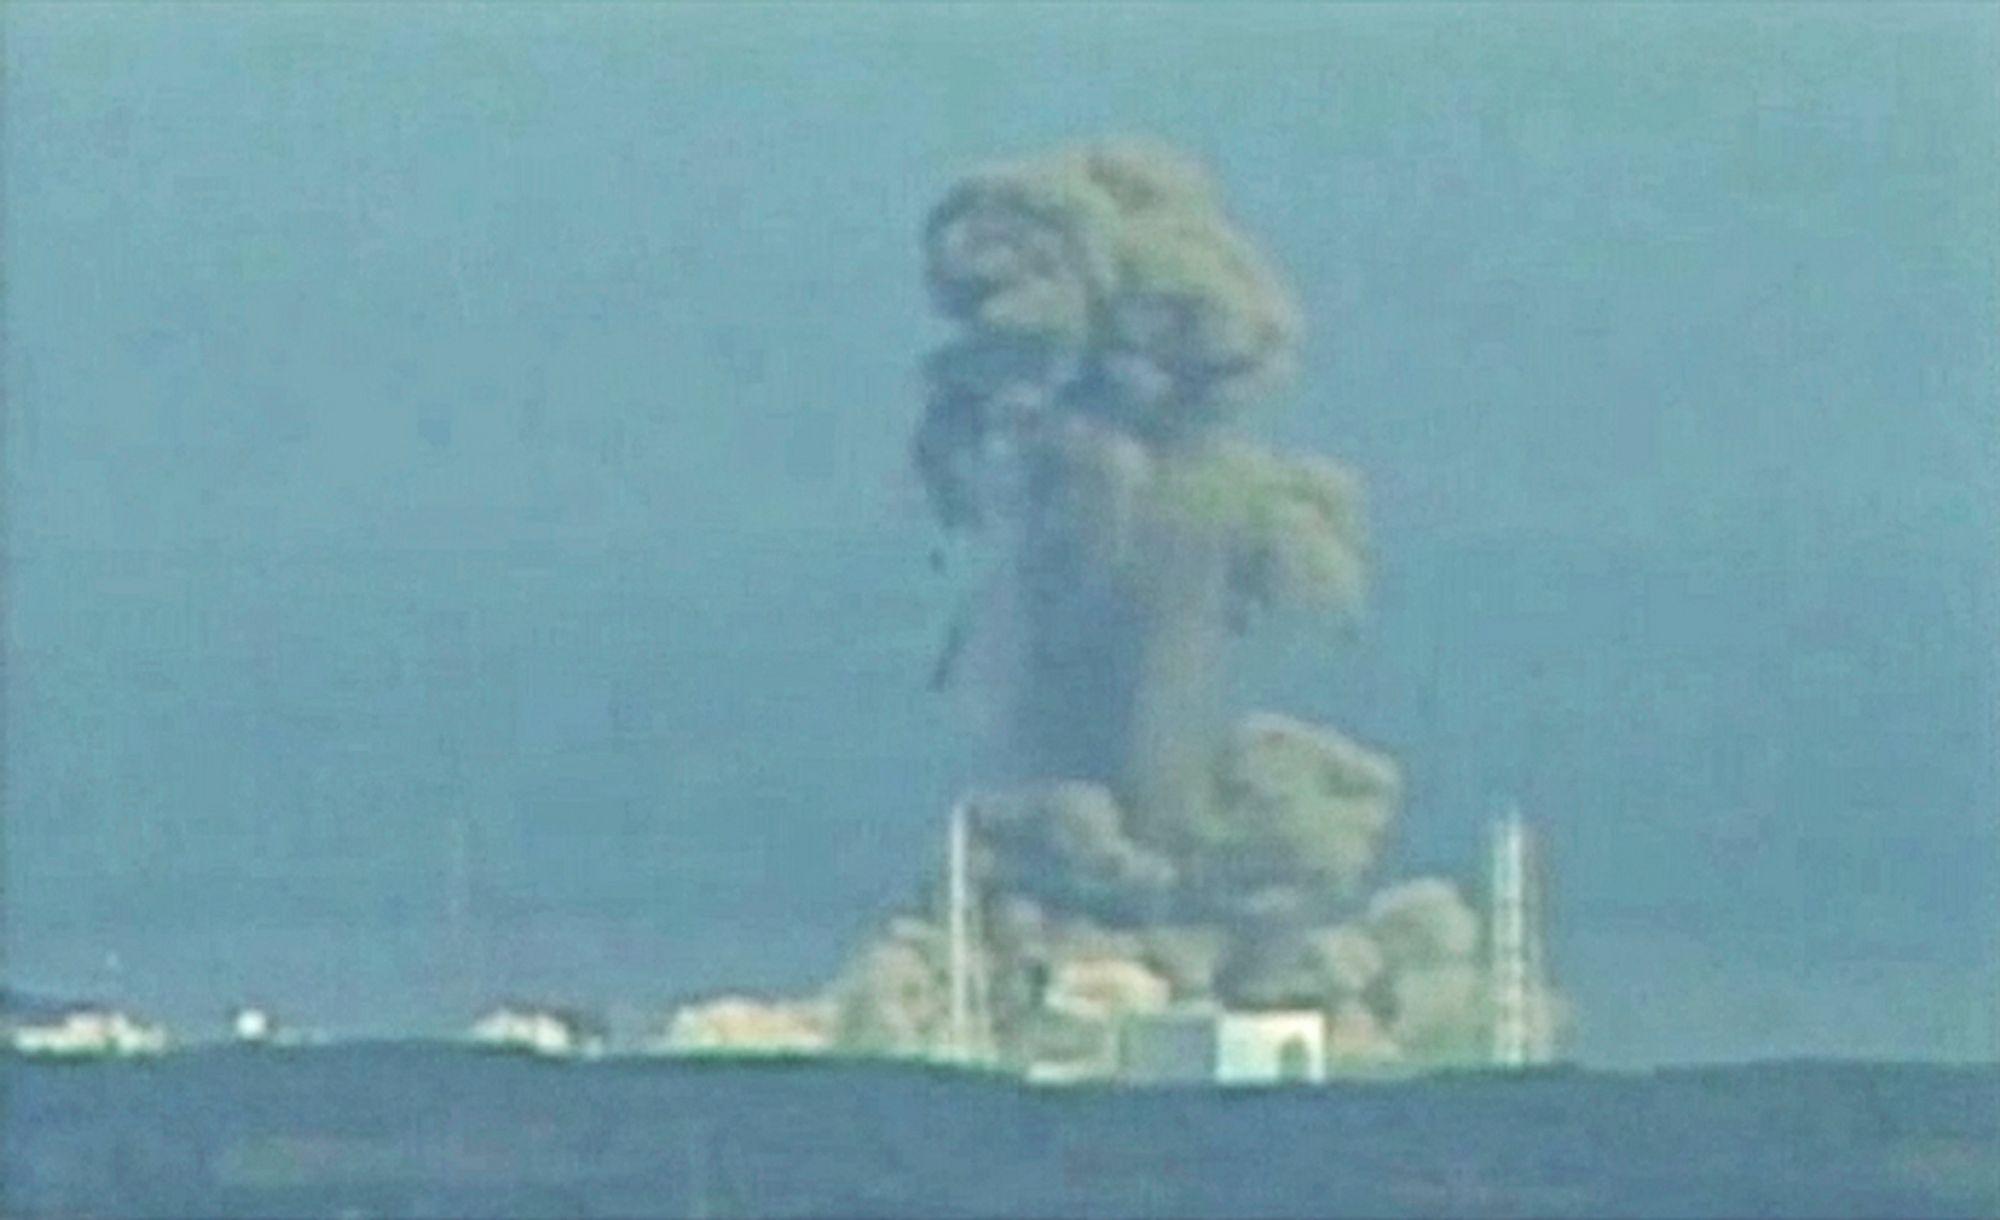 UTEN VANN: Den siste melding fra kjernekraftverket Fukushima-Daiichii er at vannpumpene i reaktor to har sviktet. Alt kjølevannet i reaktoren var en stund borte slik at brenselsstavene har vært fullstendig avdekket.